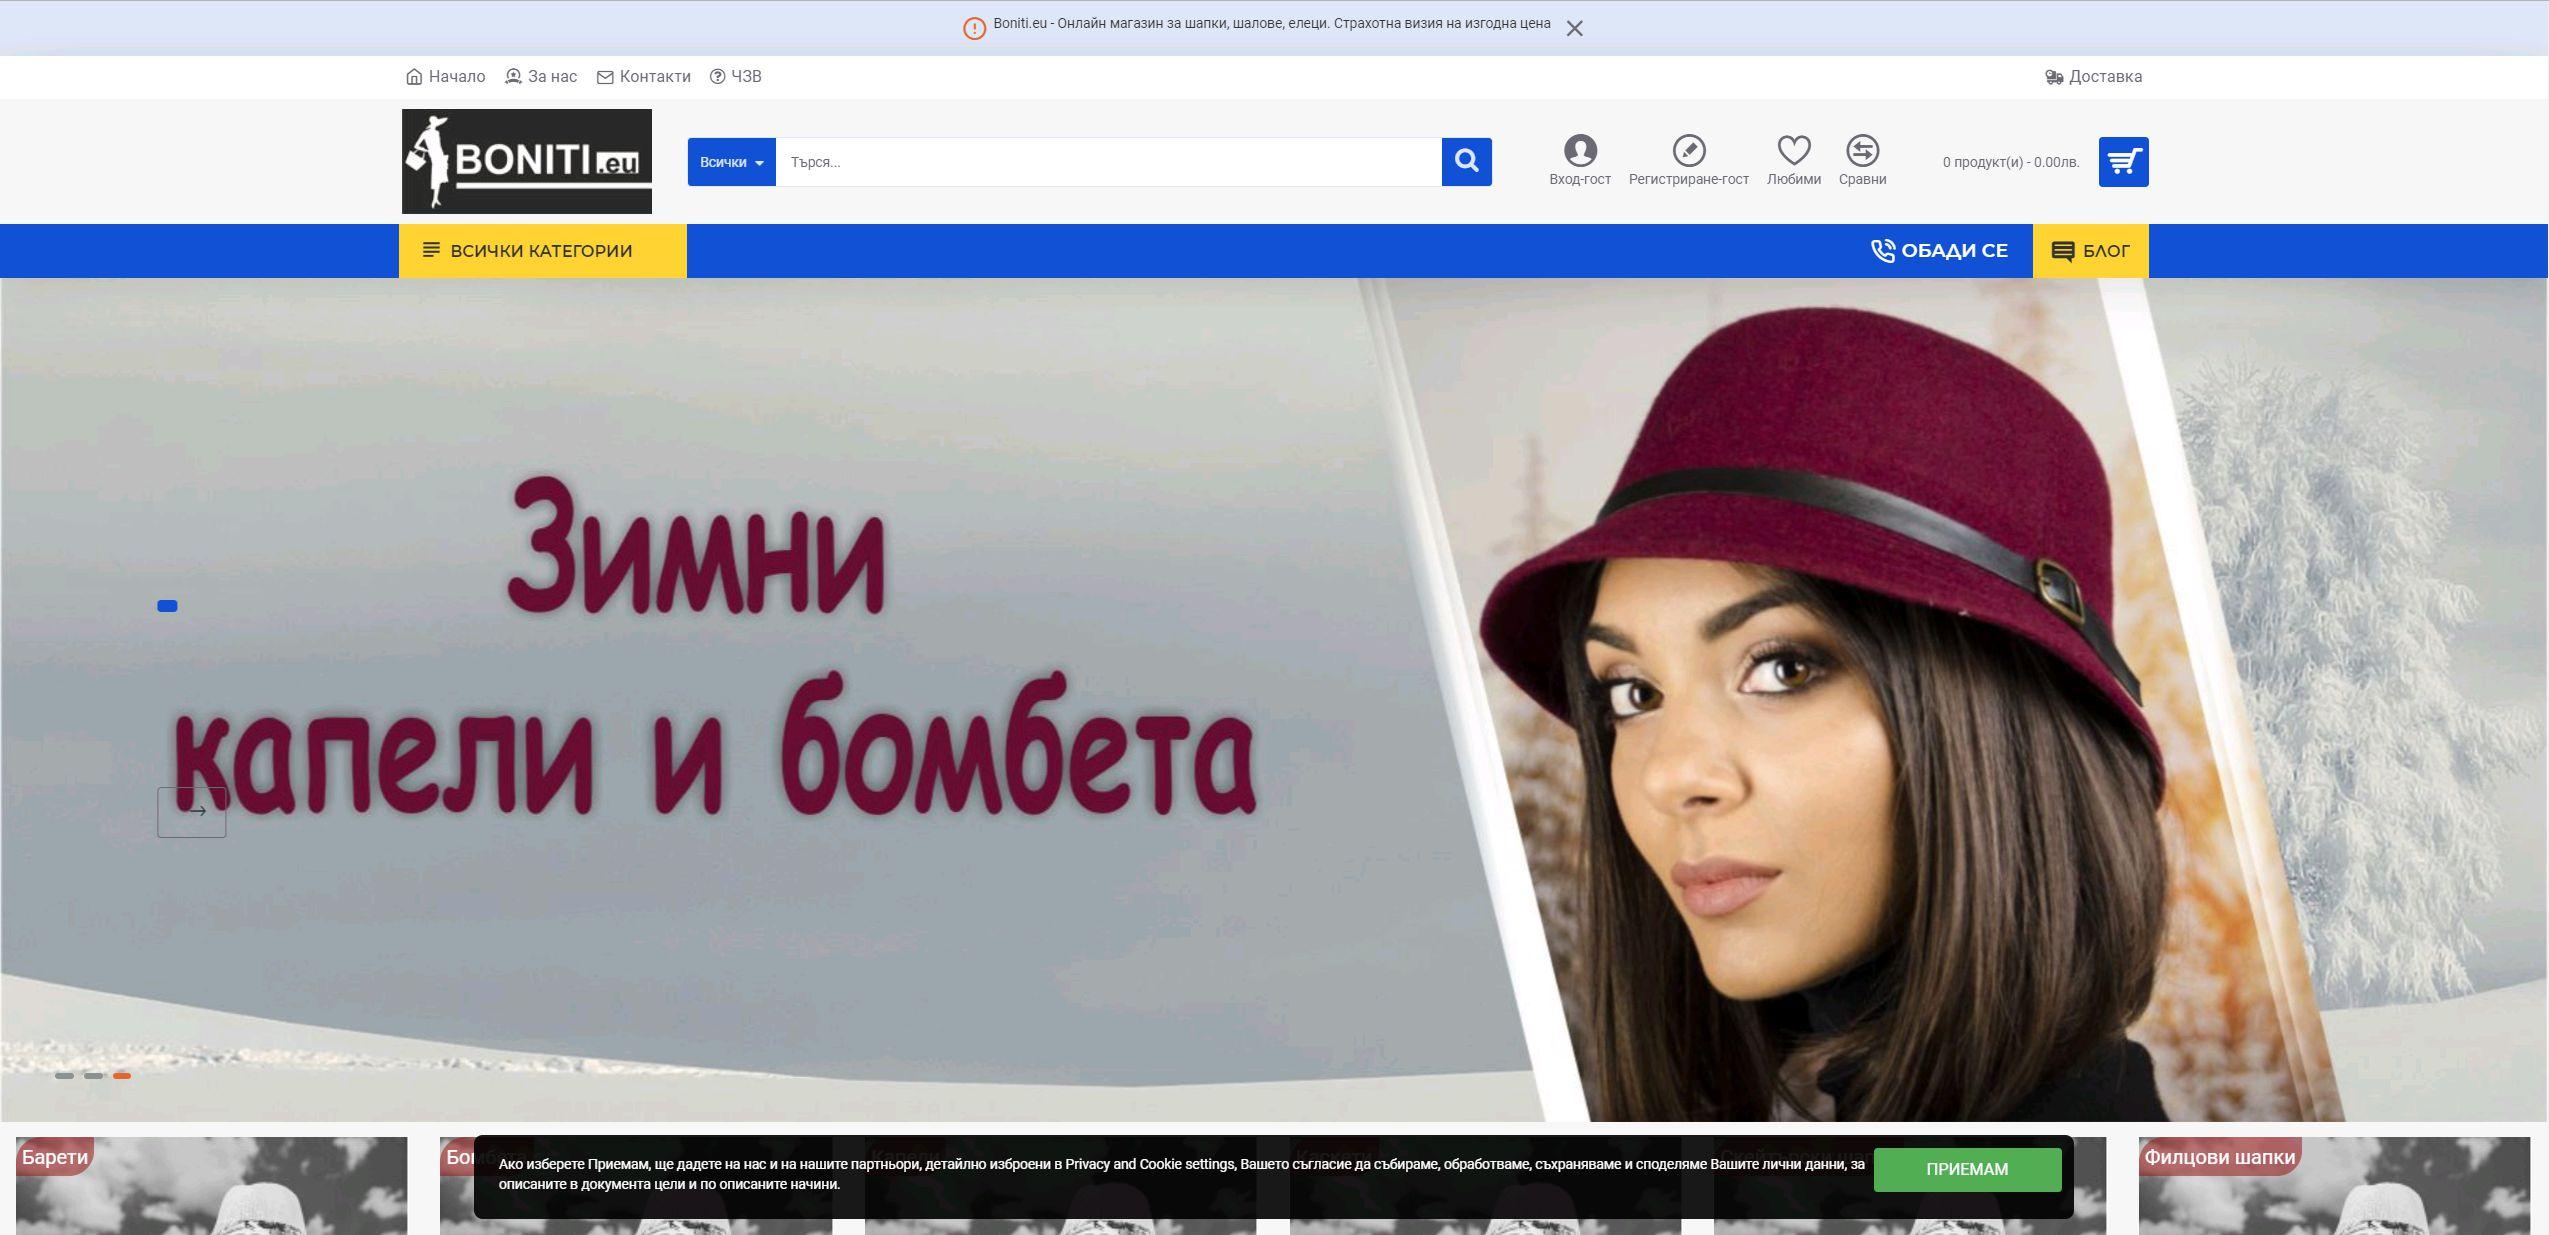 Boniti.eu - онлайн магазин за шапки